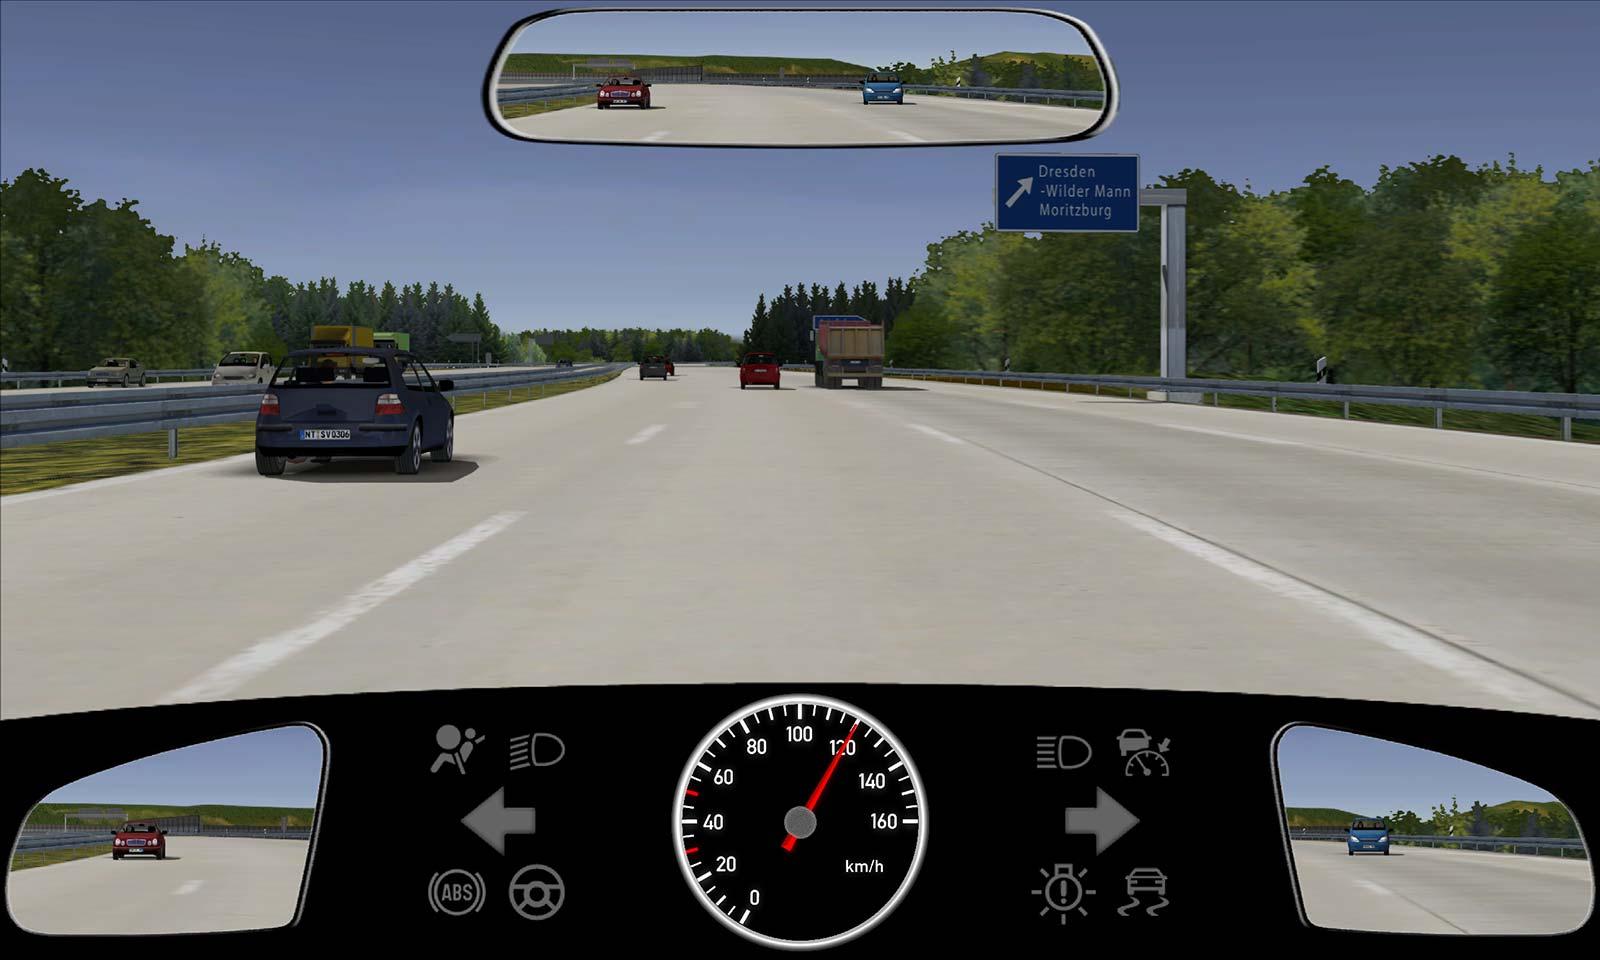 Darf Man Auf Der Autobahn Rechts überholen